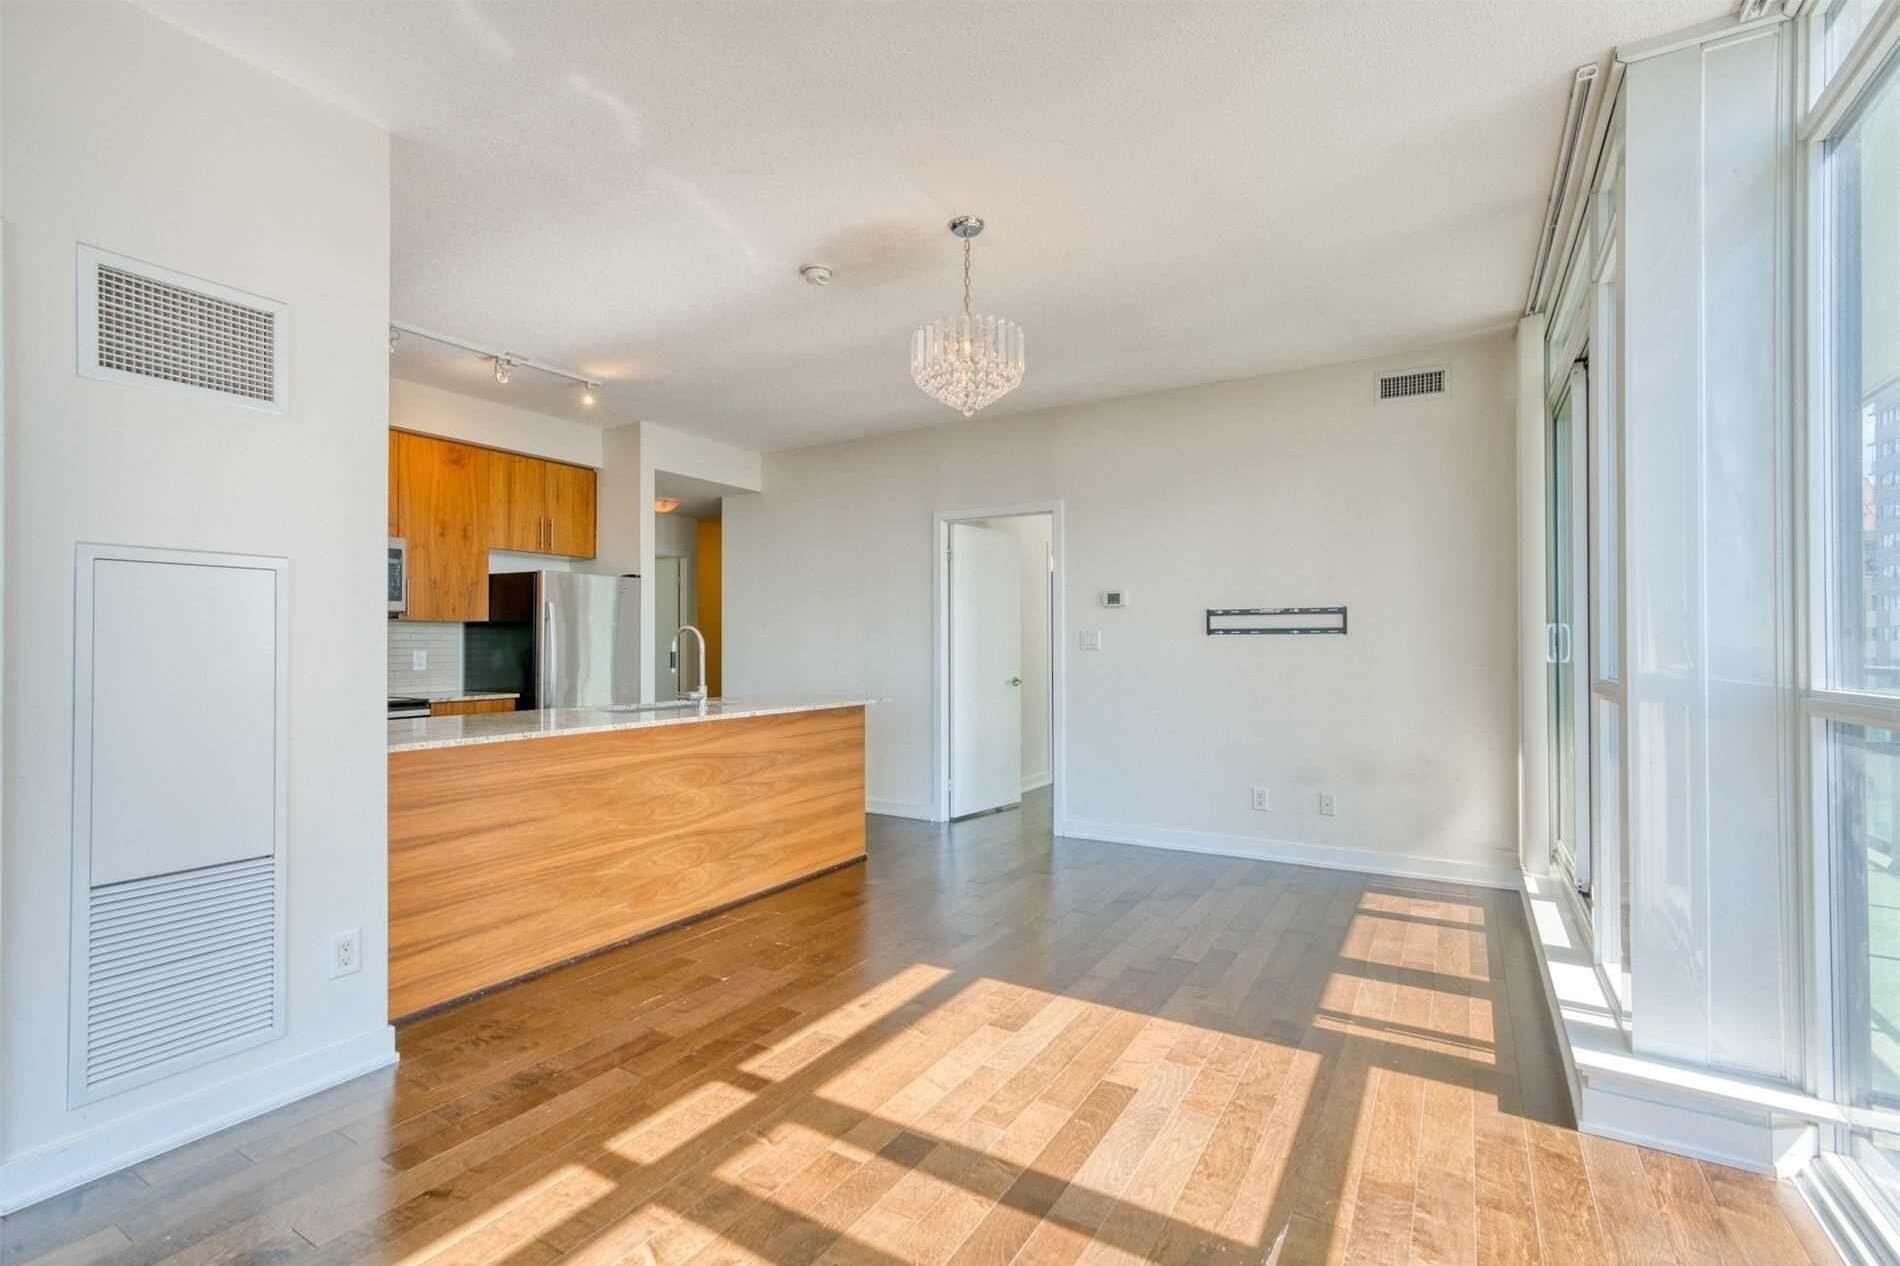 Apartment for rent at 4099 Brickstone Me Unit 2303 Mississauga Ontario - MLS: W4848576